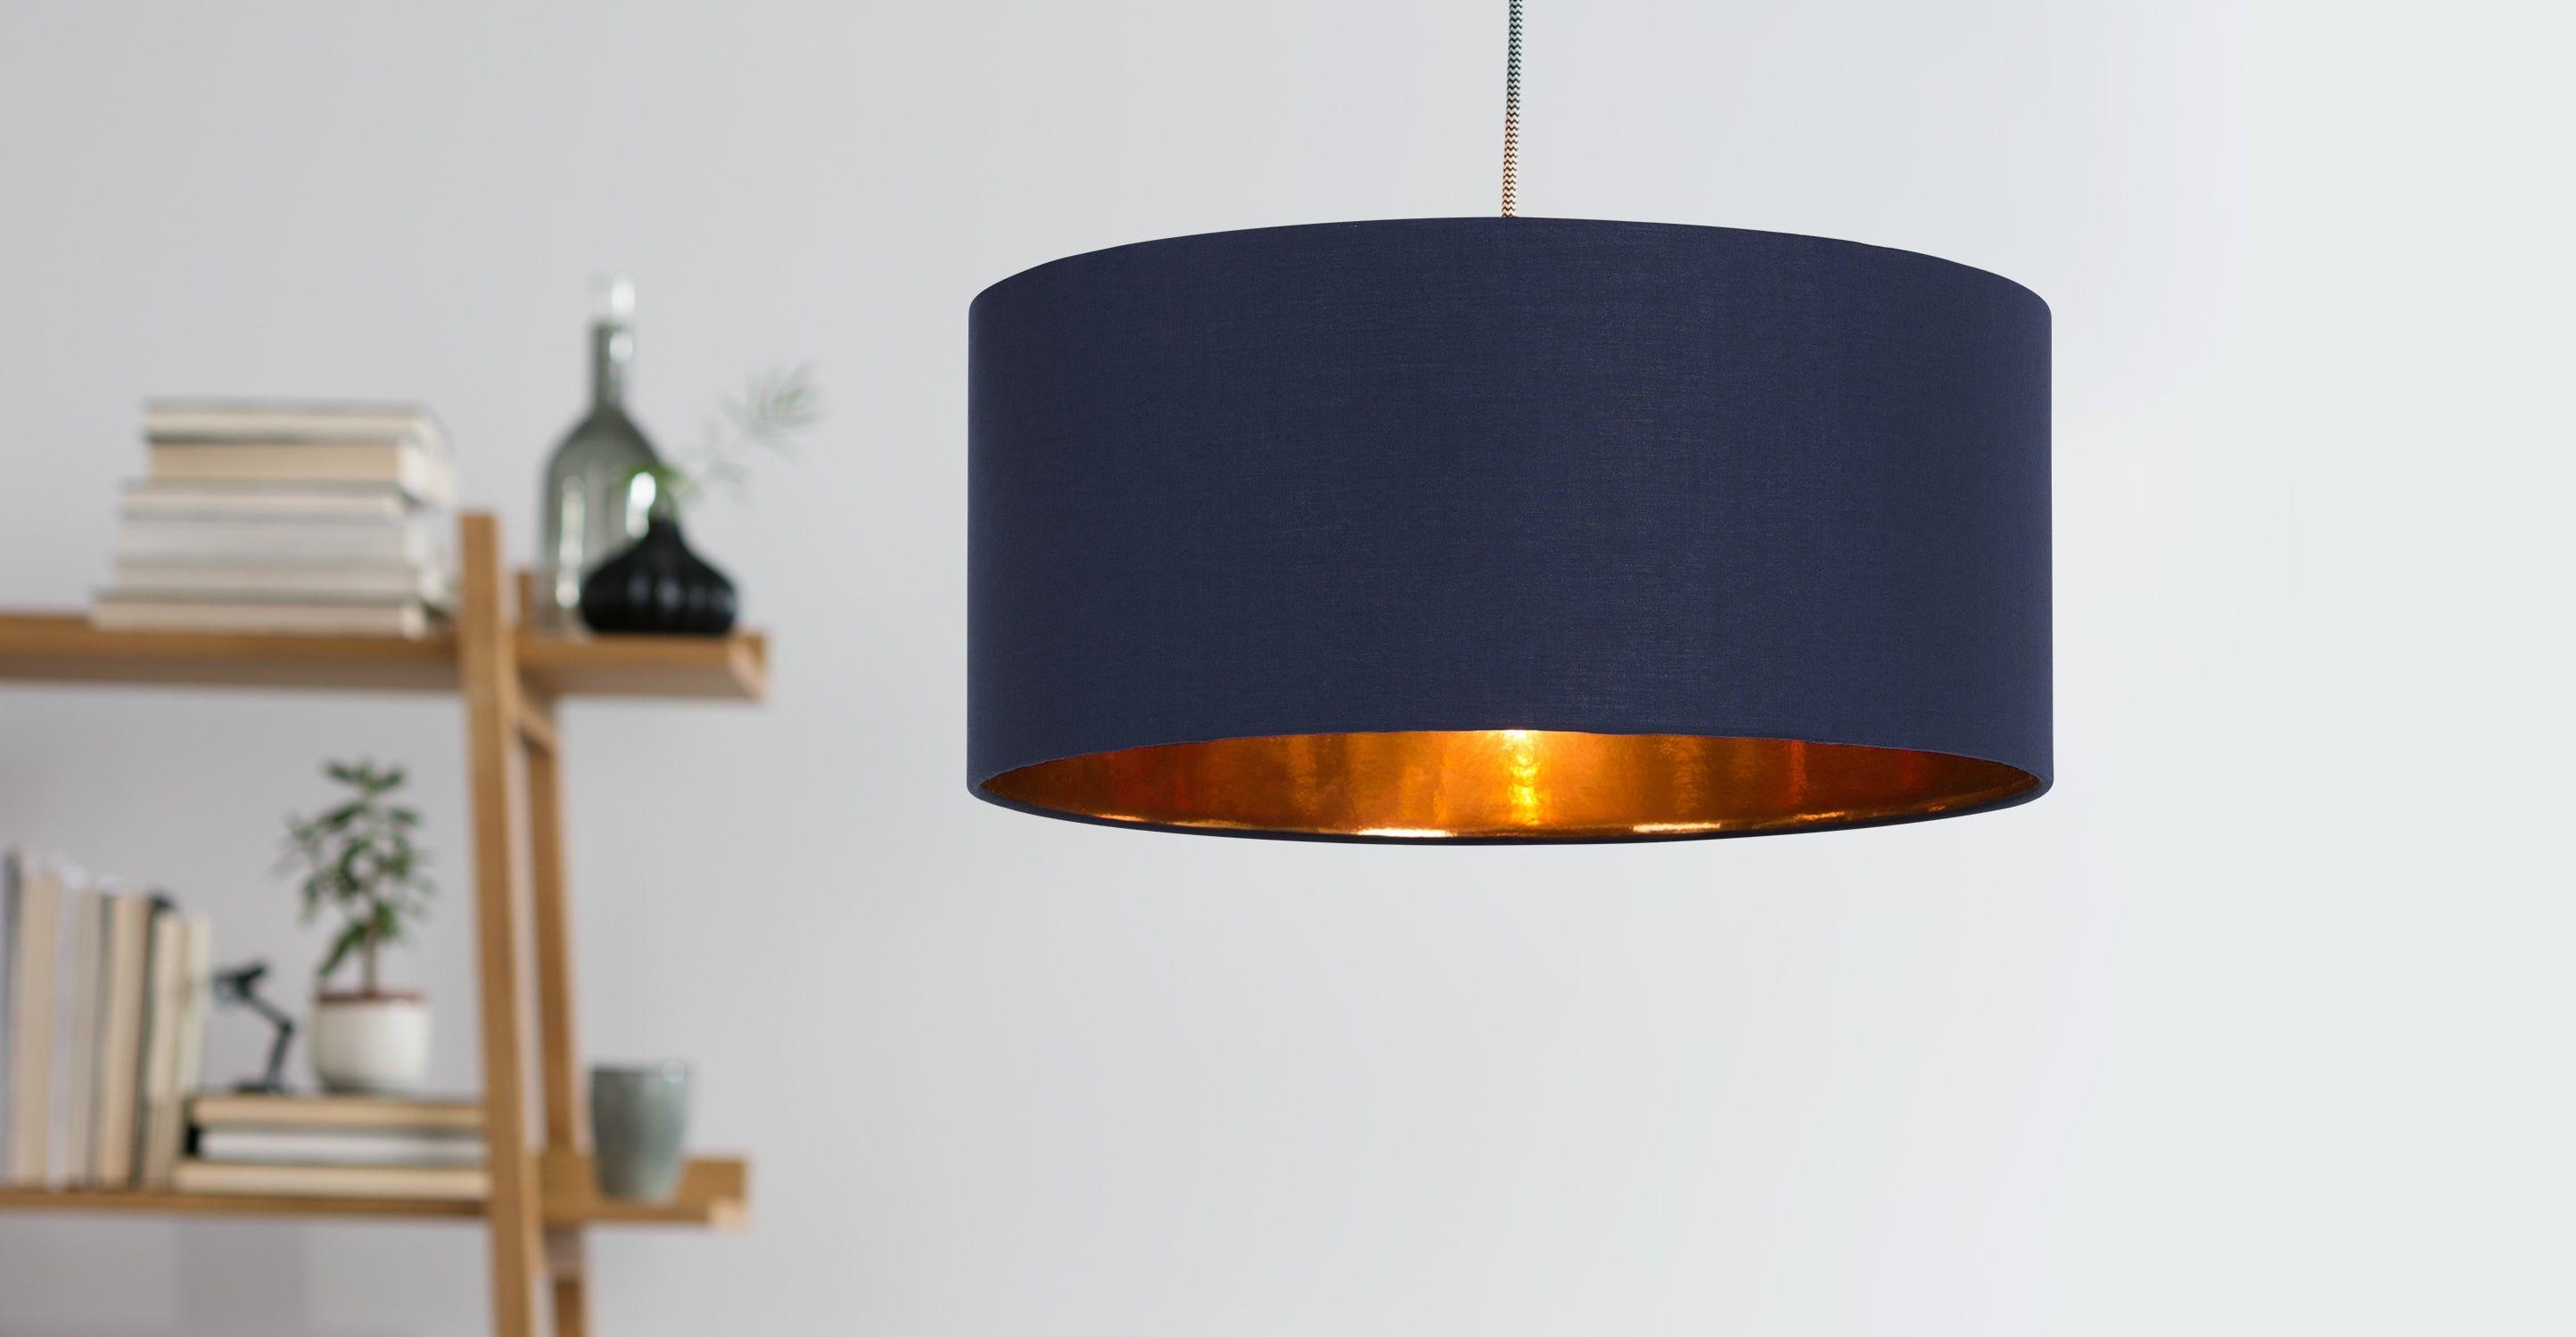 Lampenschirm Schlafzimmer ~ Hue lampenschirm cm navy und kupfer lampenschirme